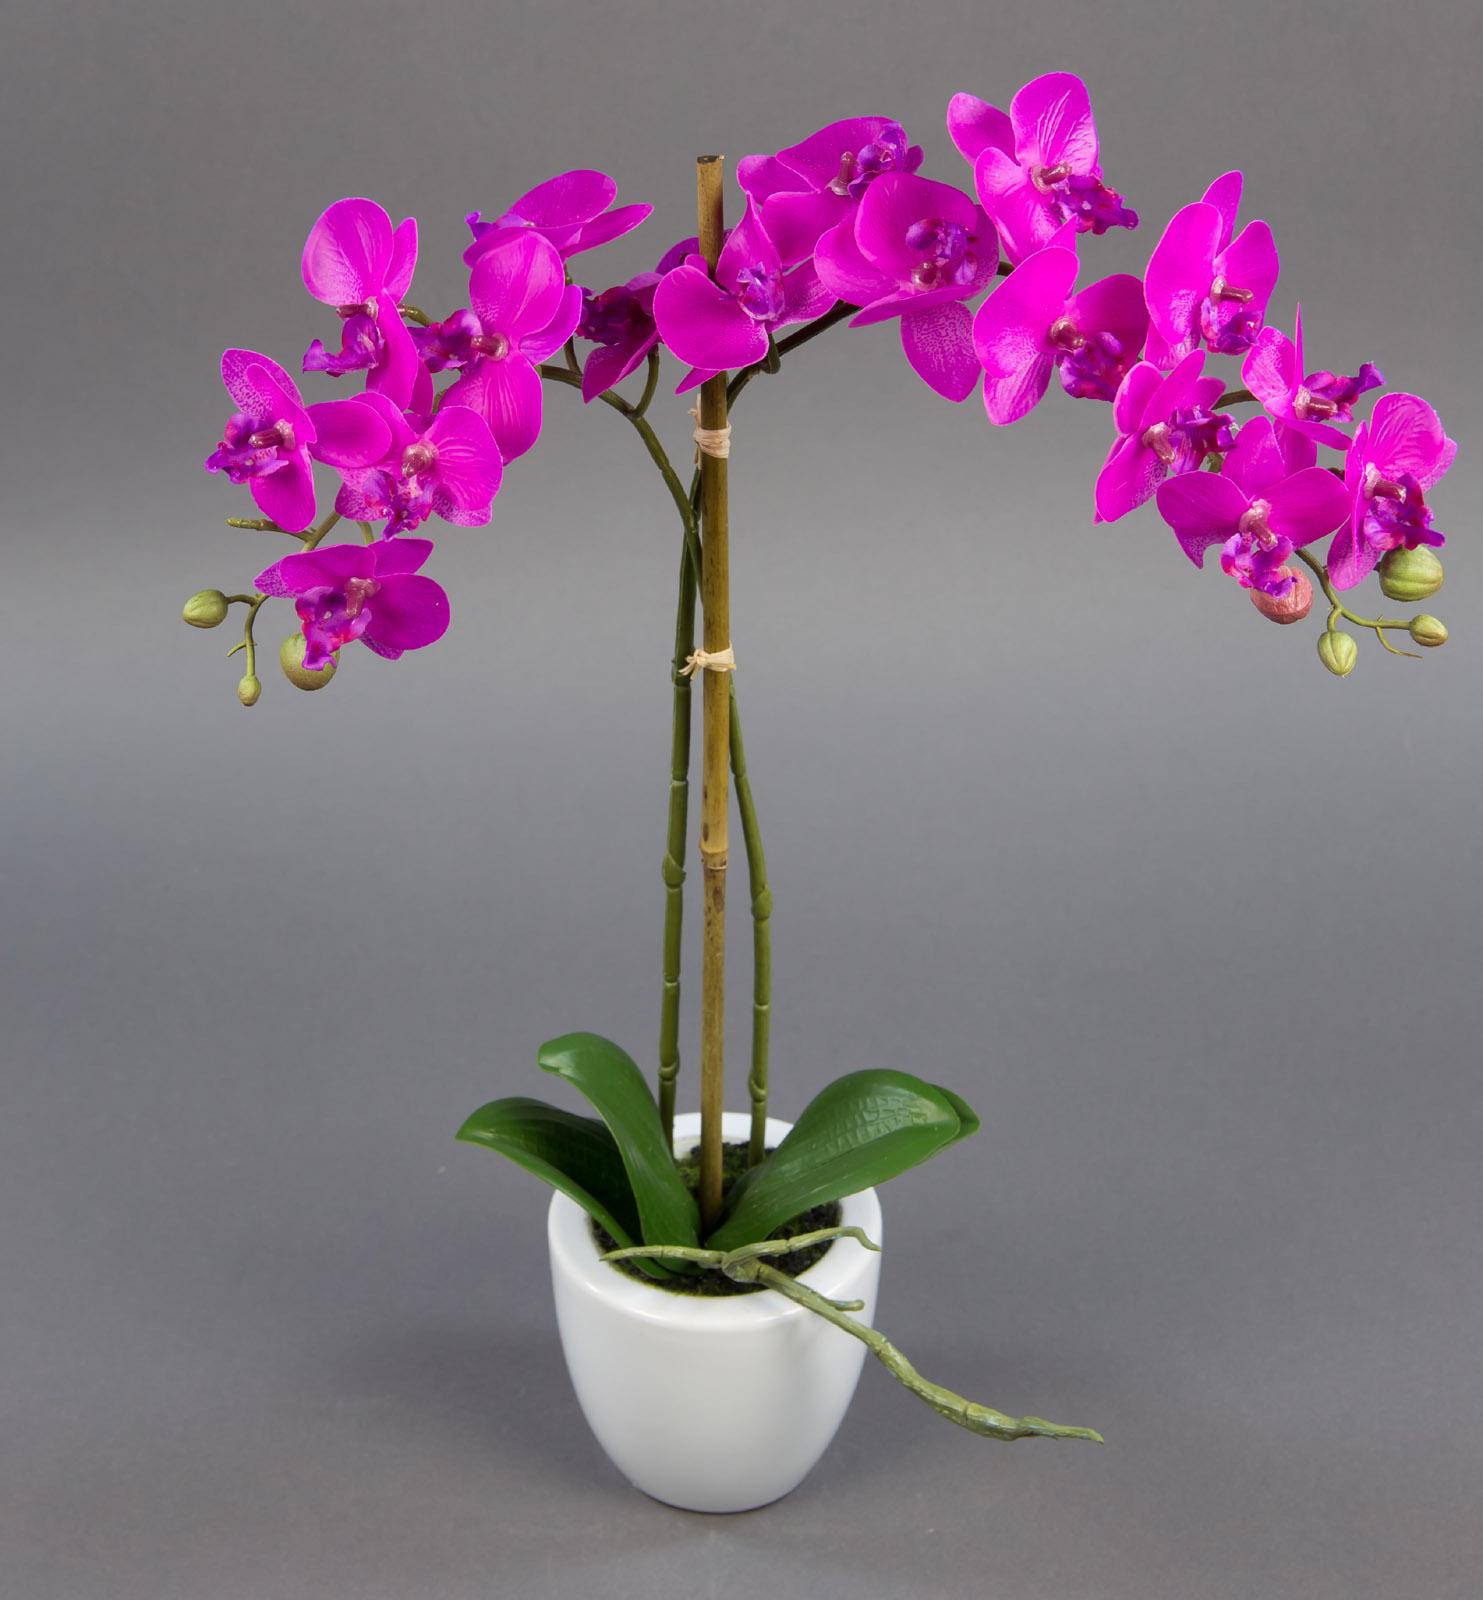 orchidee real touch 55cm fuchsia mit 2 rispen ga k nstliche blumen kunstblumen ebay. Black Bedroom Furniture Sets. Home Design Ideas